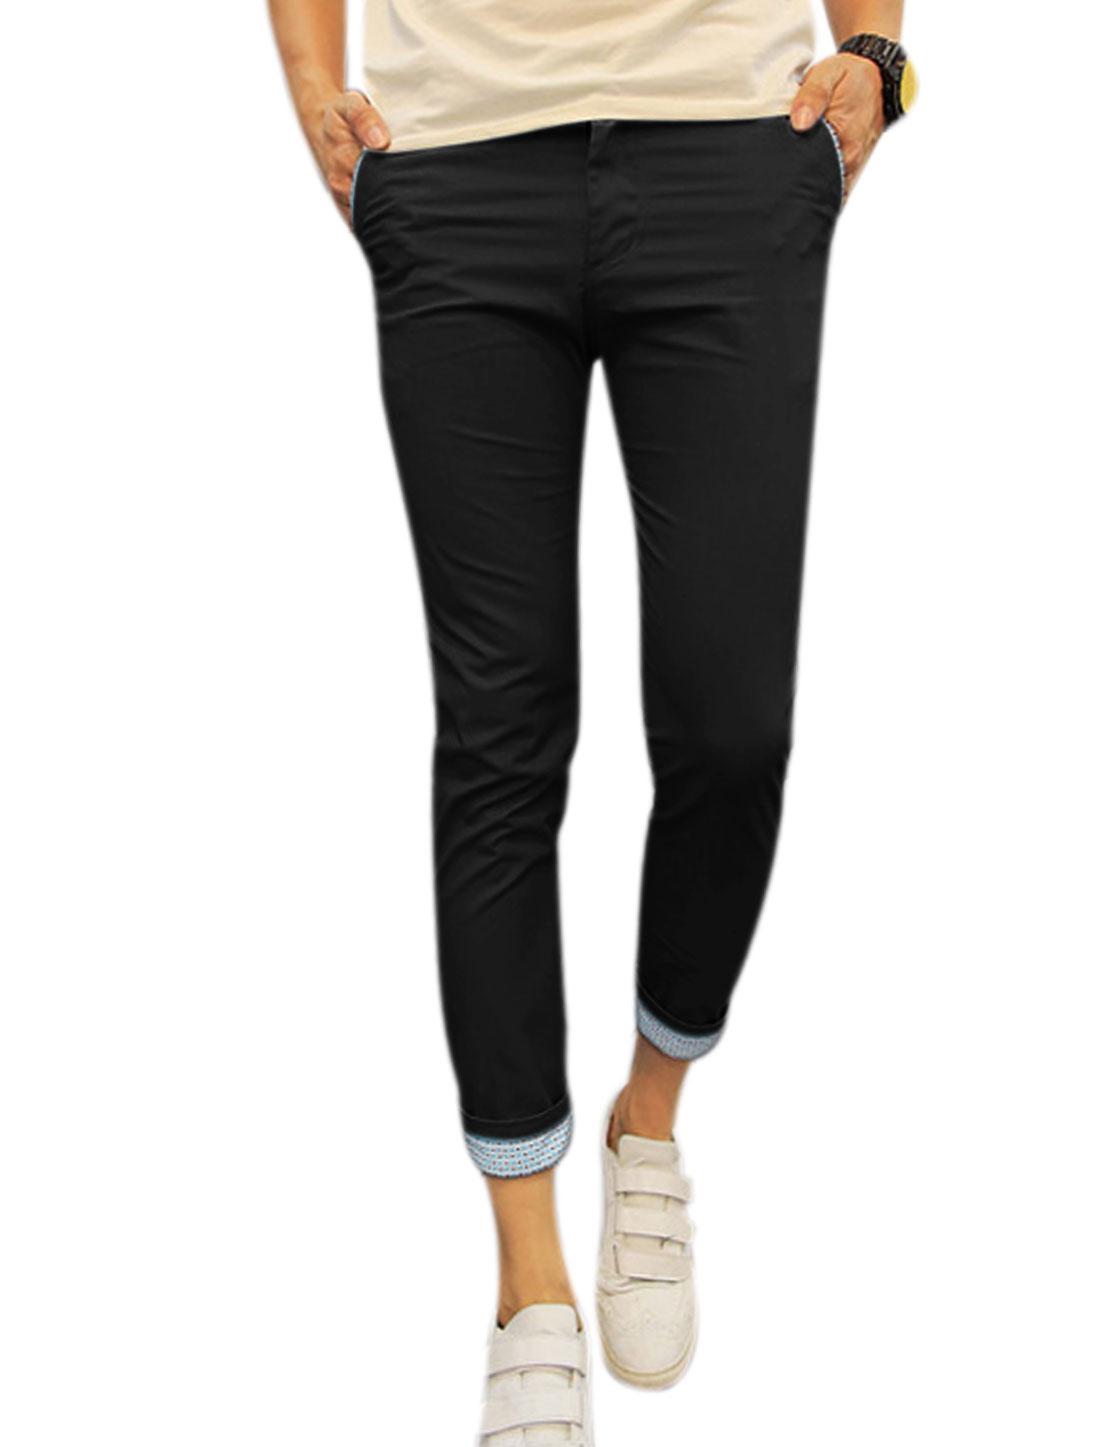 Men Mid Rise Belt Loop Pockets Slim Fit Cropped Pants Blacks W28